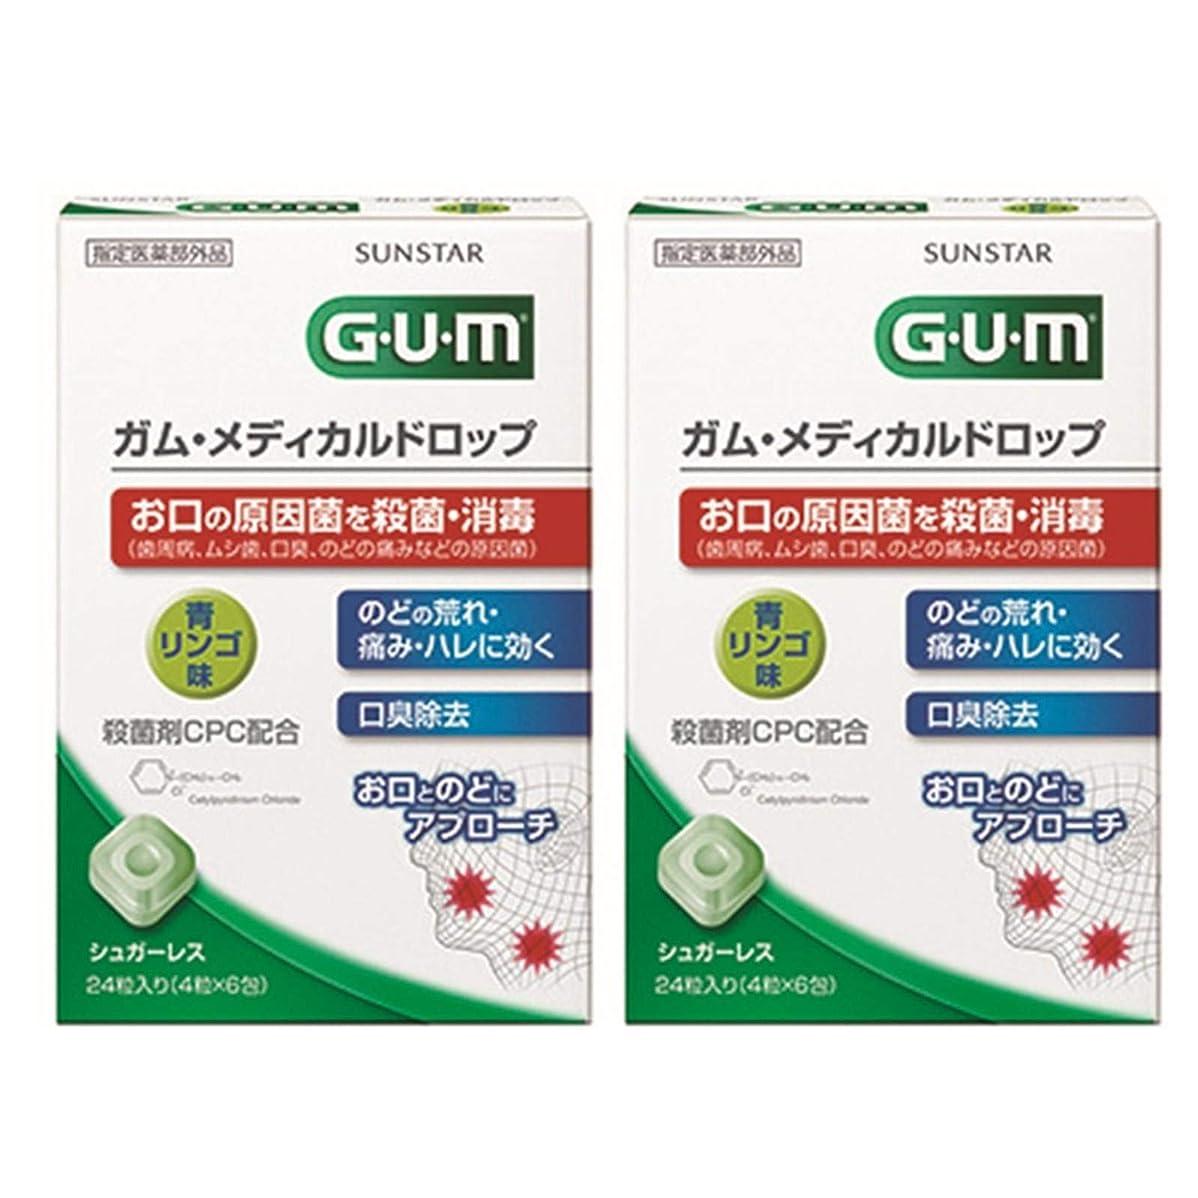 累積締め切りスチュワード[指定医薬部外品] GUM(ガム) メディカルドロップ 青リンゴ味 2個パック <口臭除去?のどの荒れ、痛み、ハレ対策>